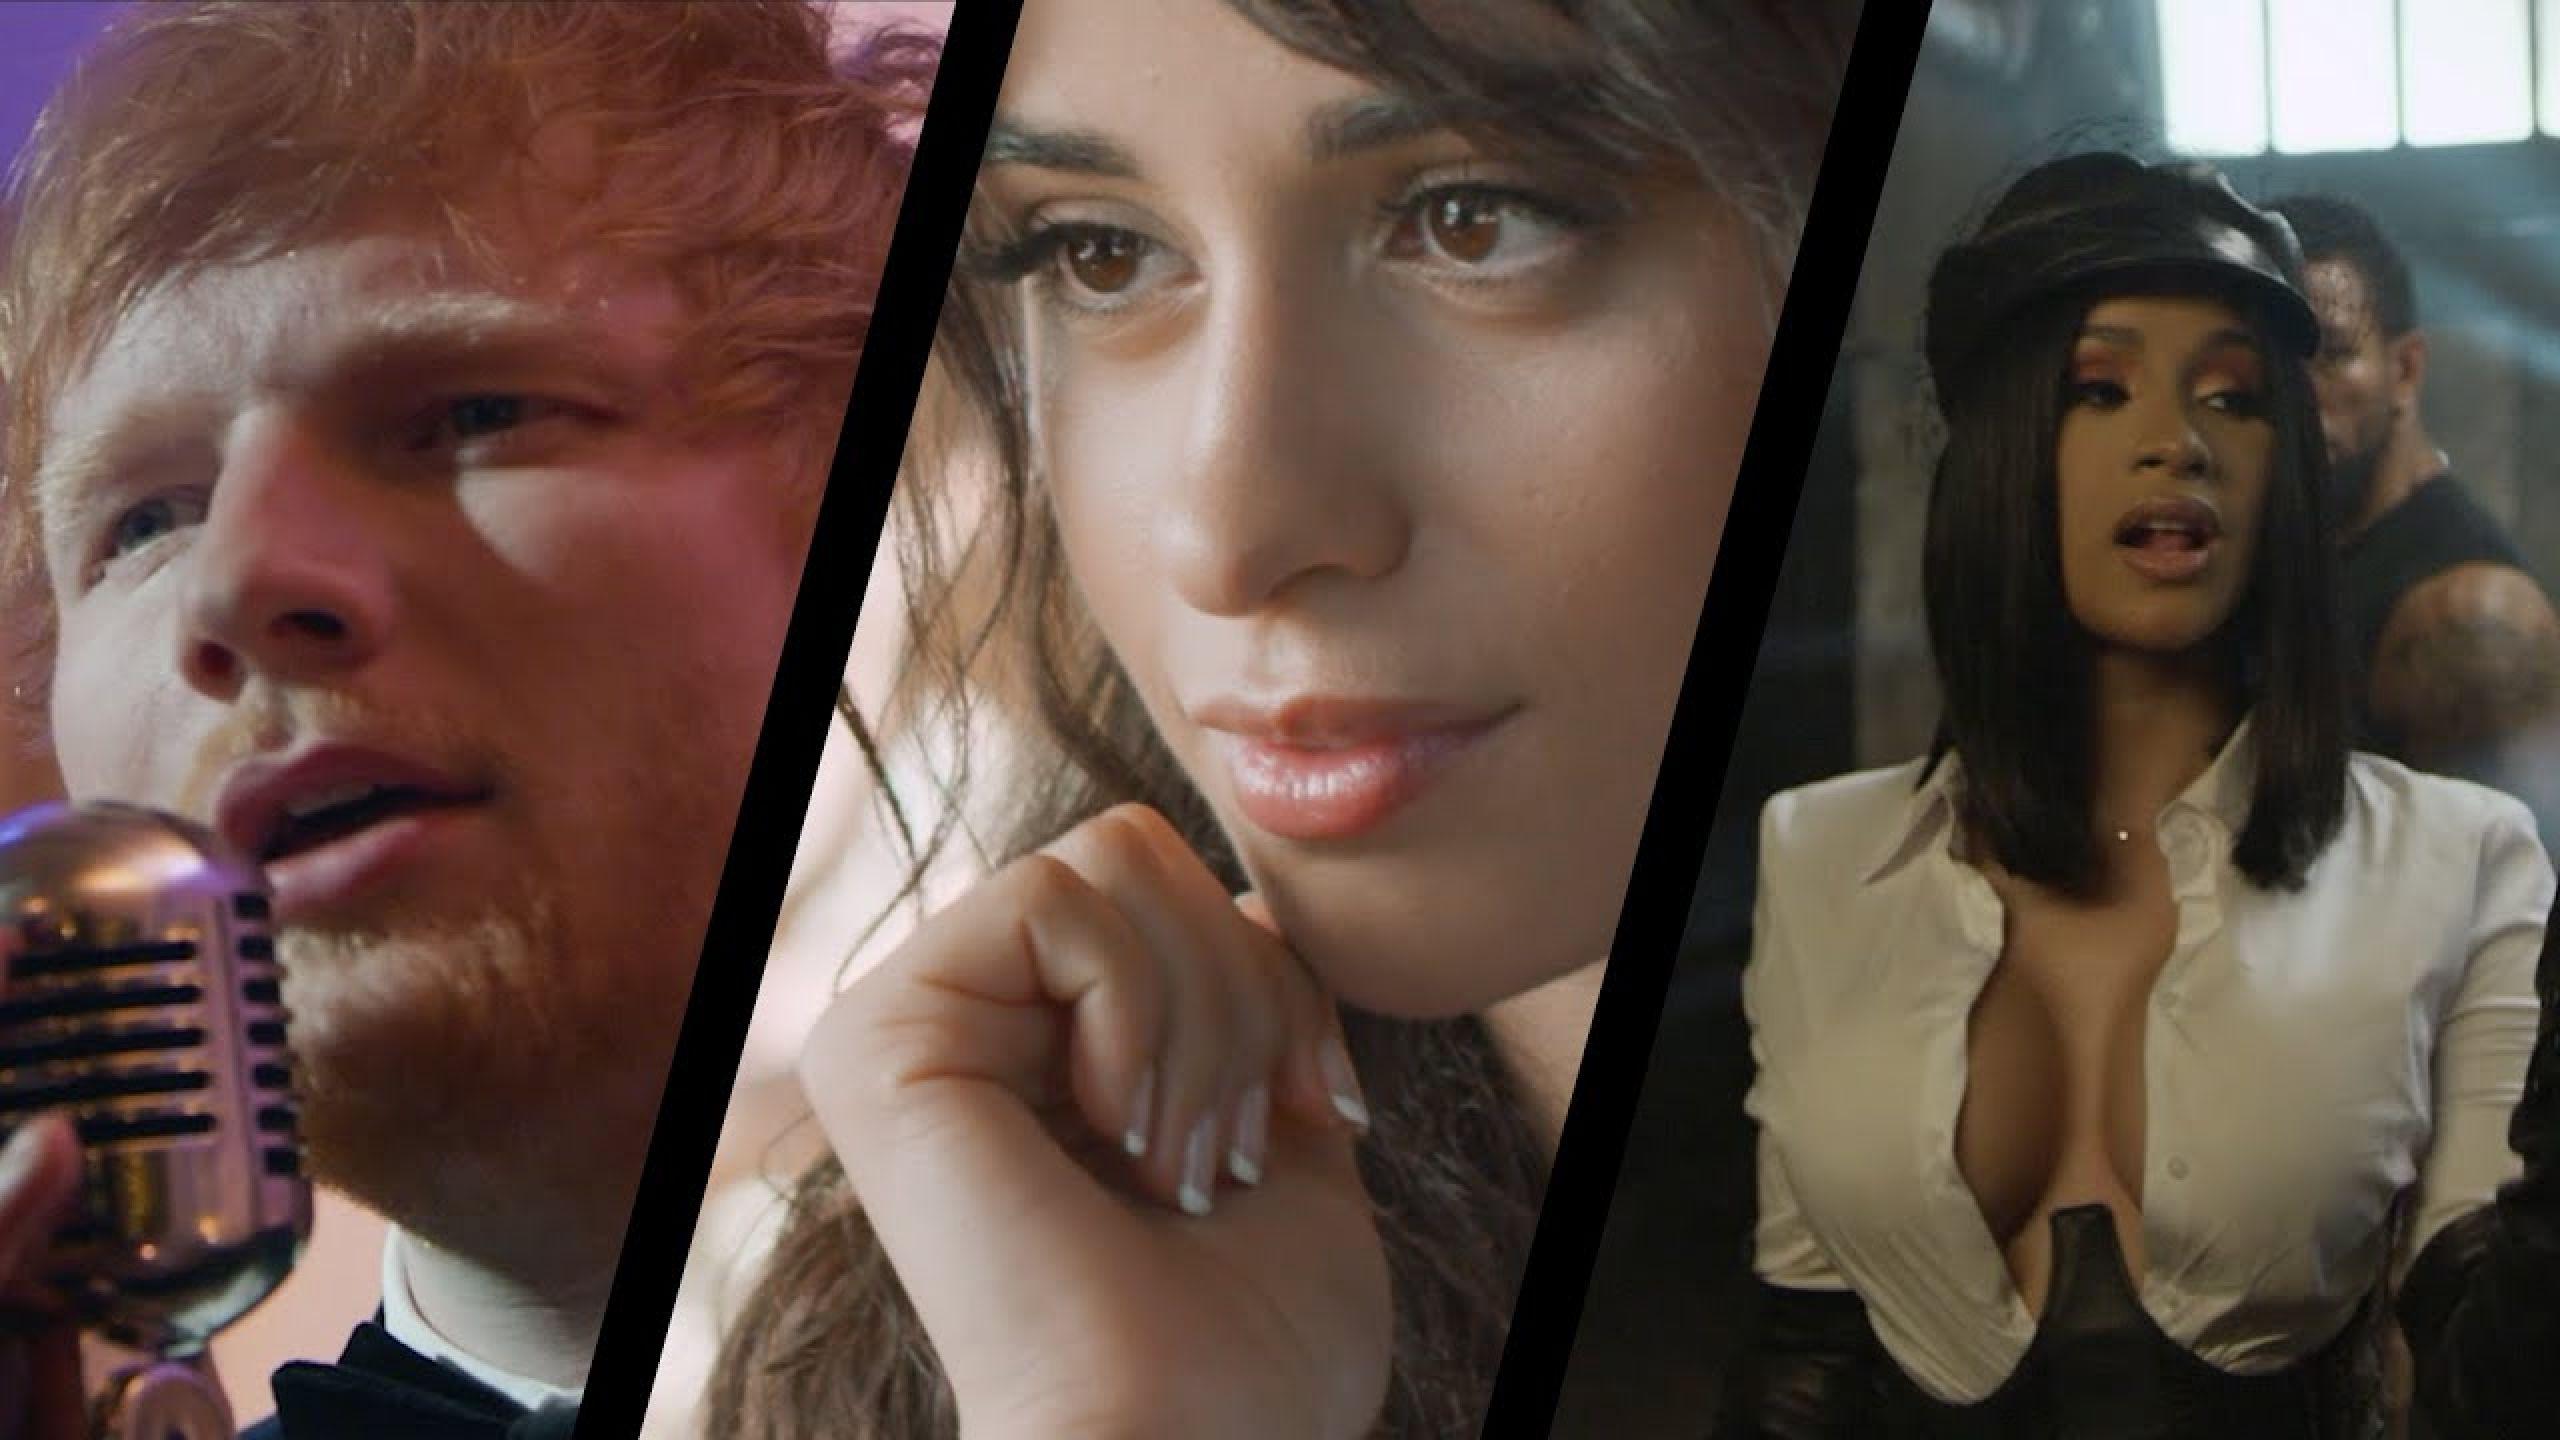 Ed Sheeran - South of the Border (feat. Camila Cabello & Cardi B) [Official Video]